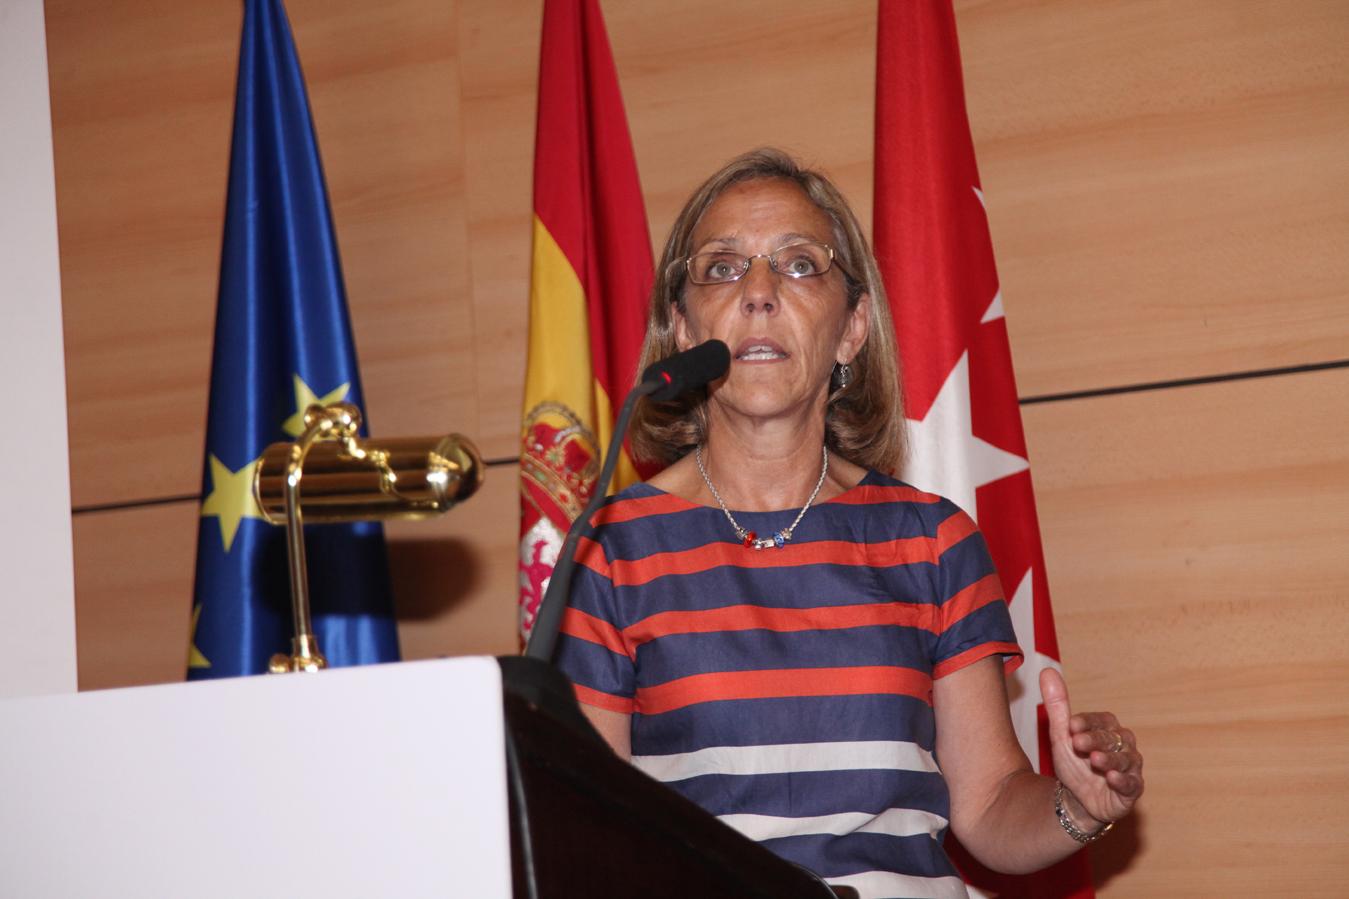 Carmen Rey del Castillo